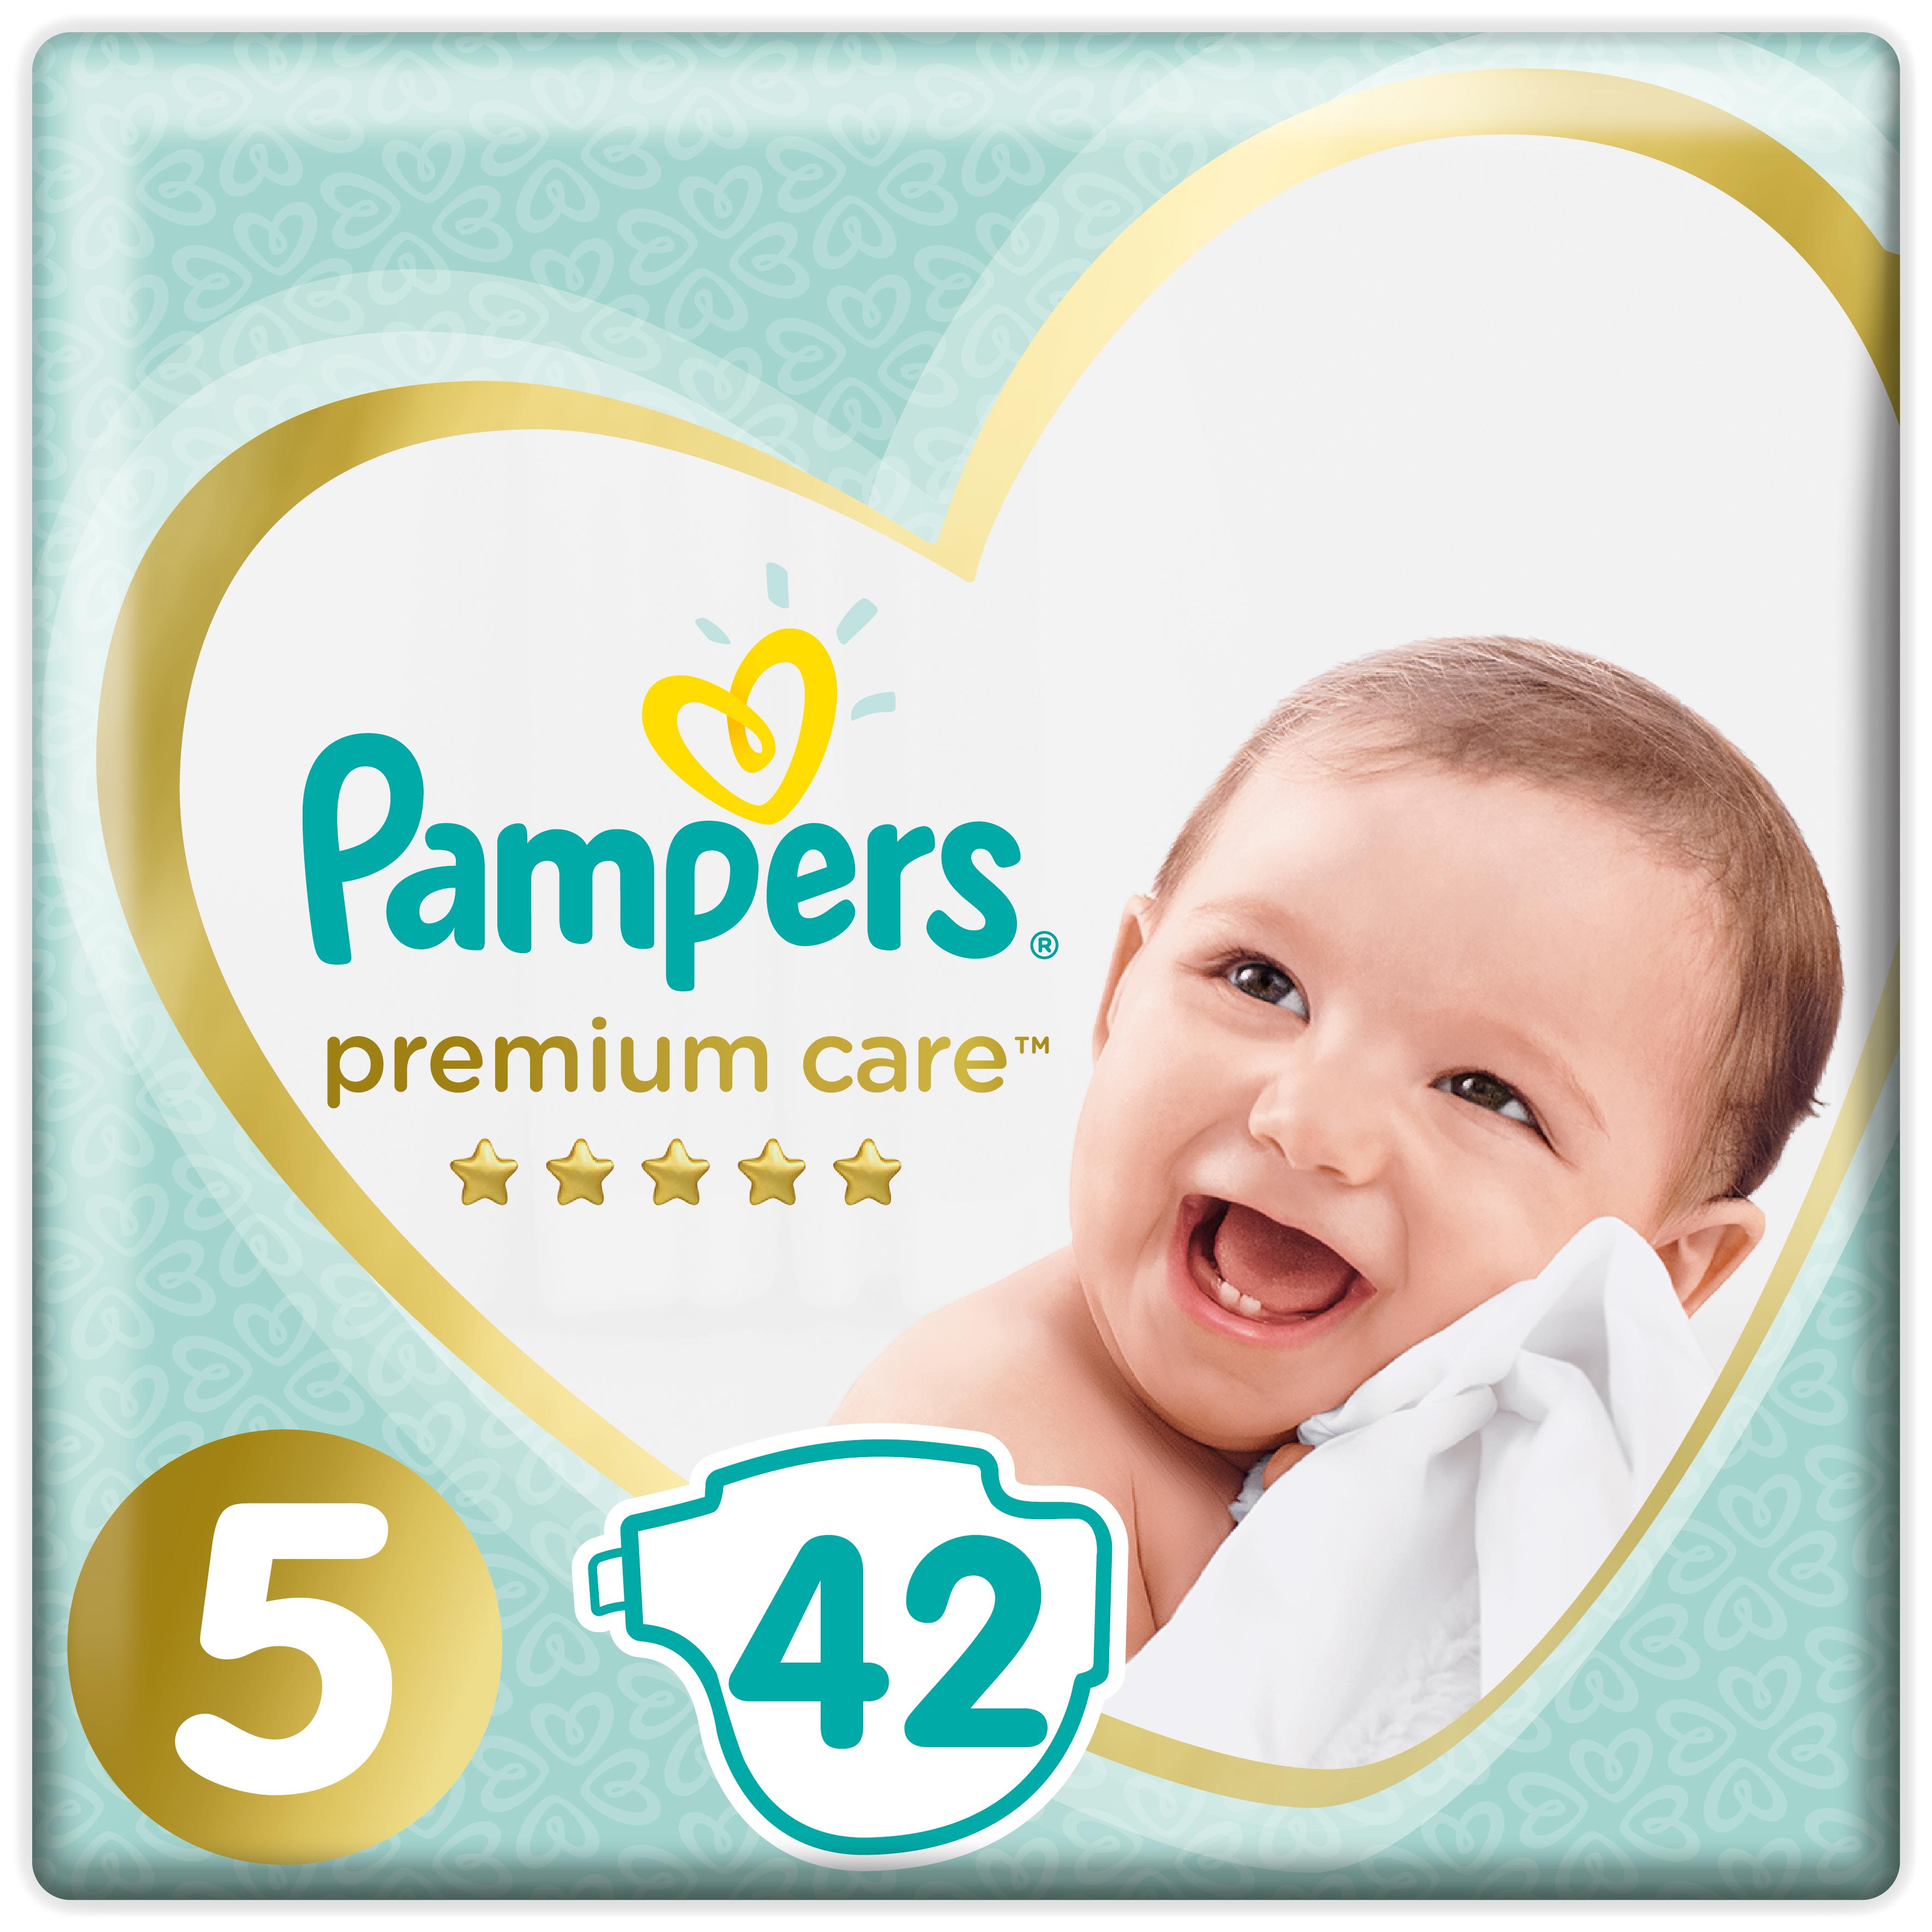 Купить Подгузники Pampers Premium Care Размер 5, 11-16кг, 42 штук, Подгузники Pampers Premium Care Junior (11+ кг) 42 шт.